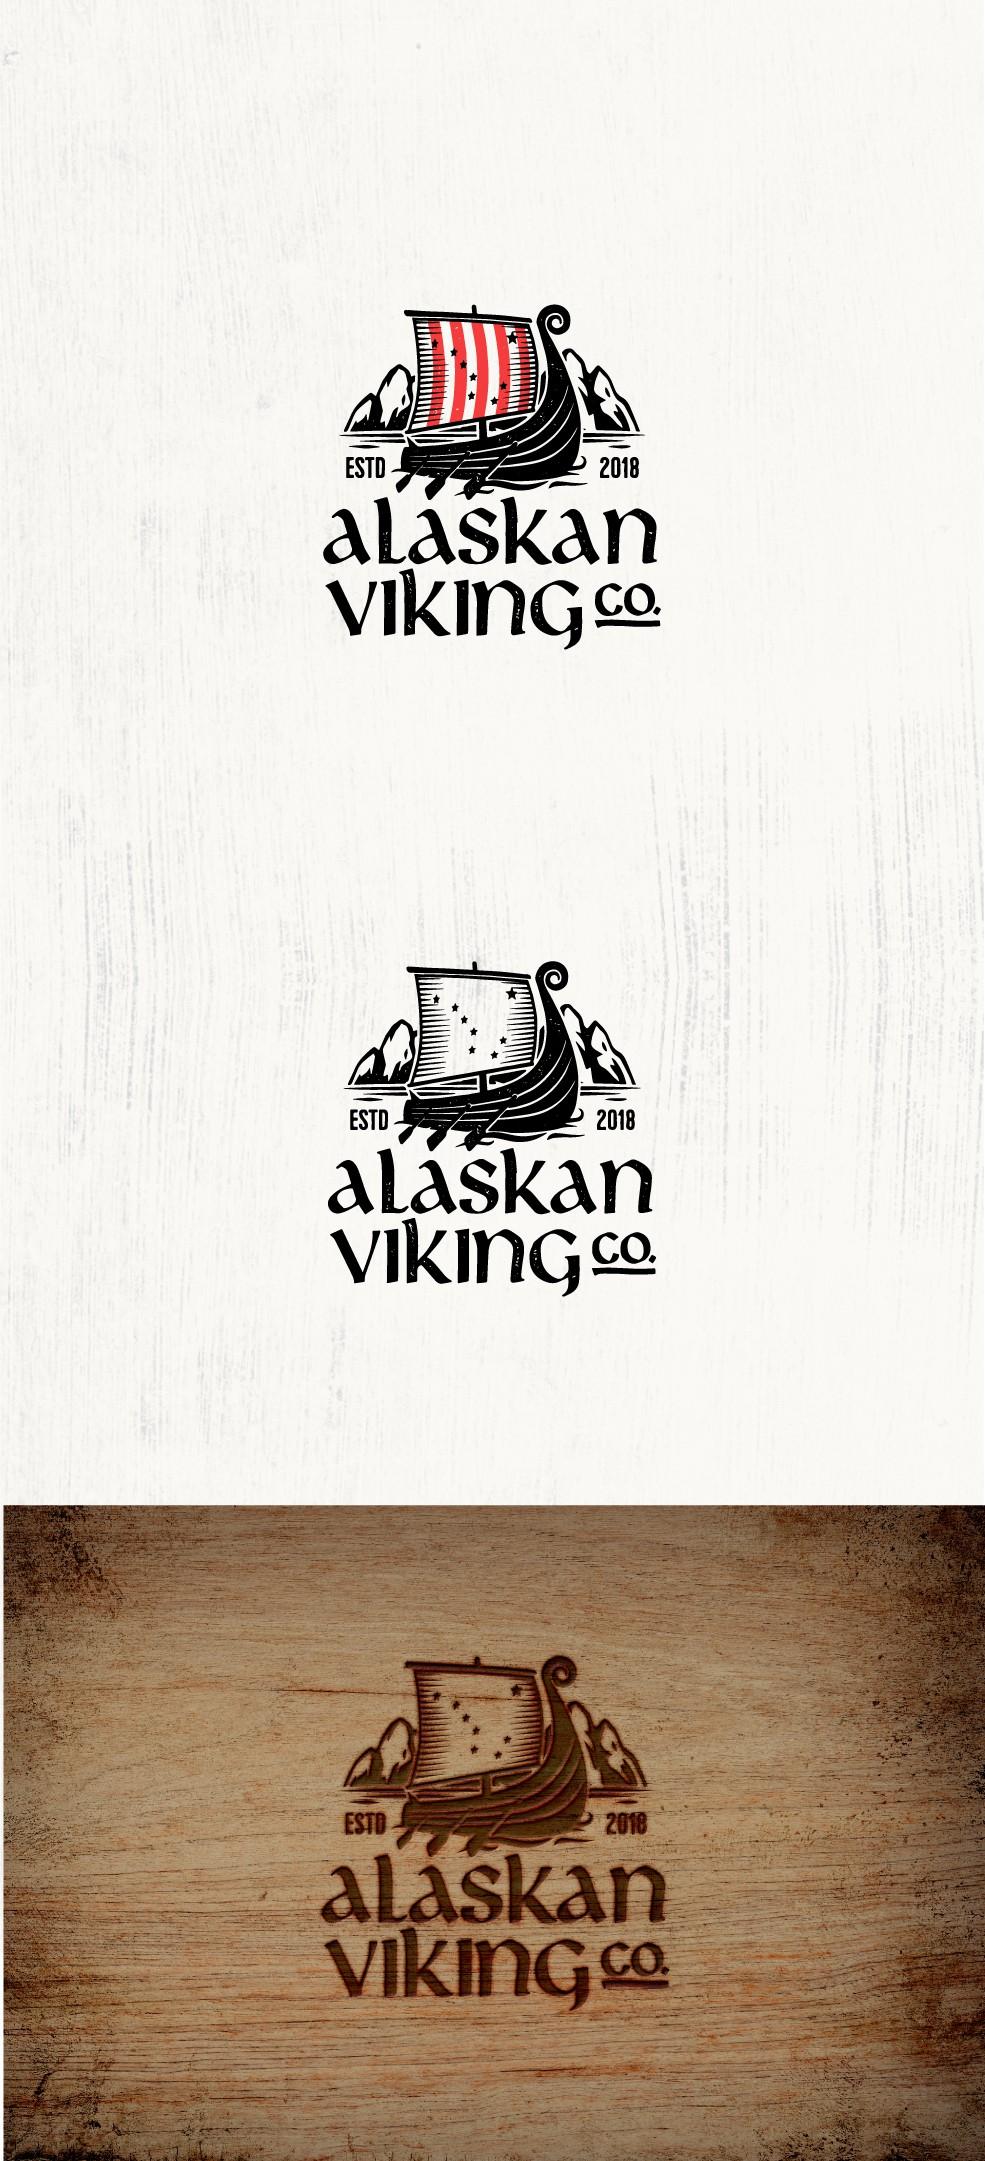 Help an ALASKAN VIKING on a Saga to find his LOGO.